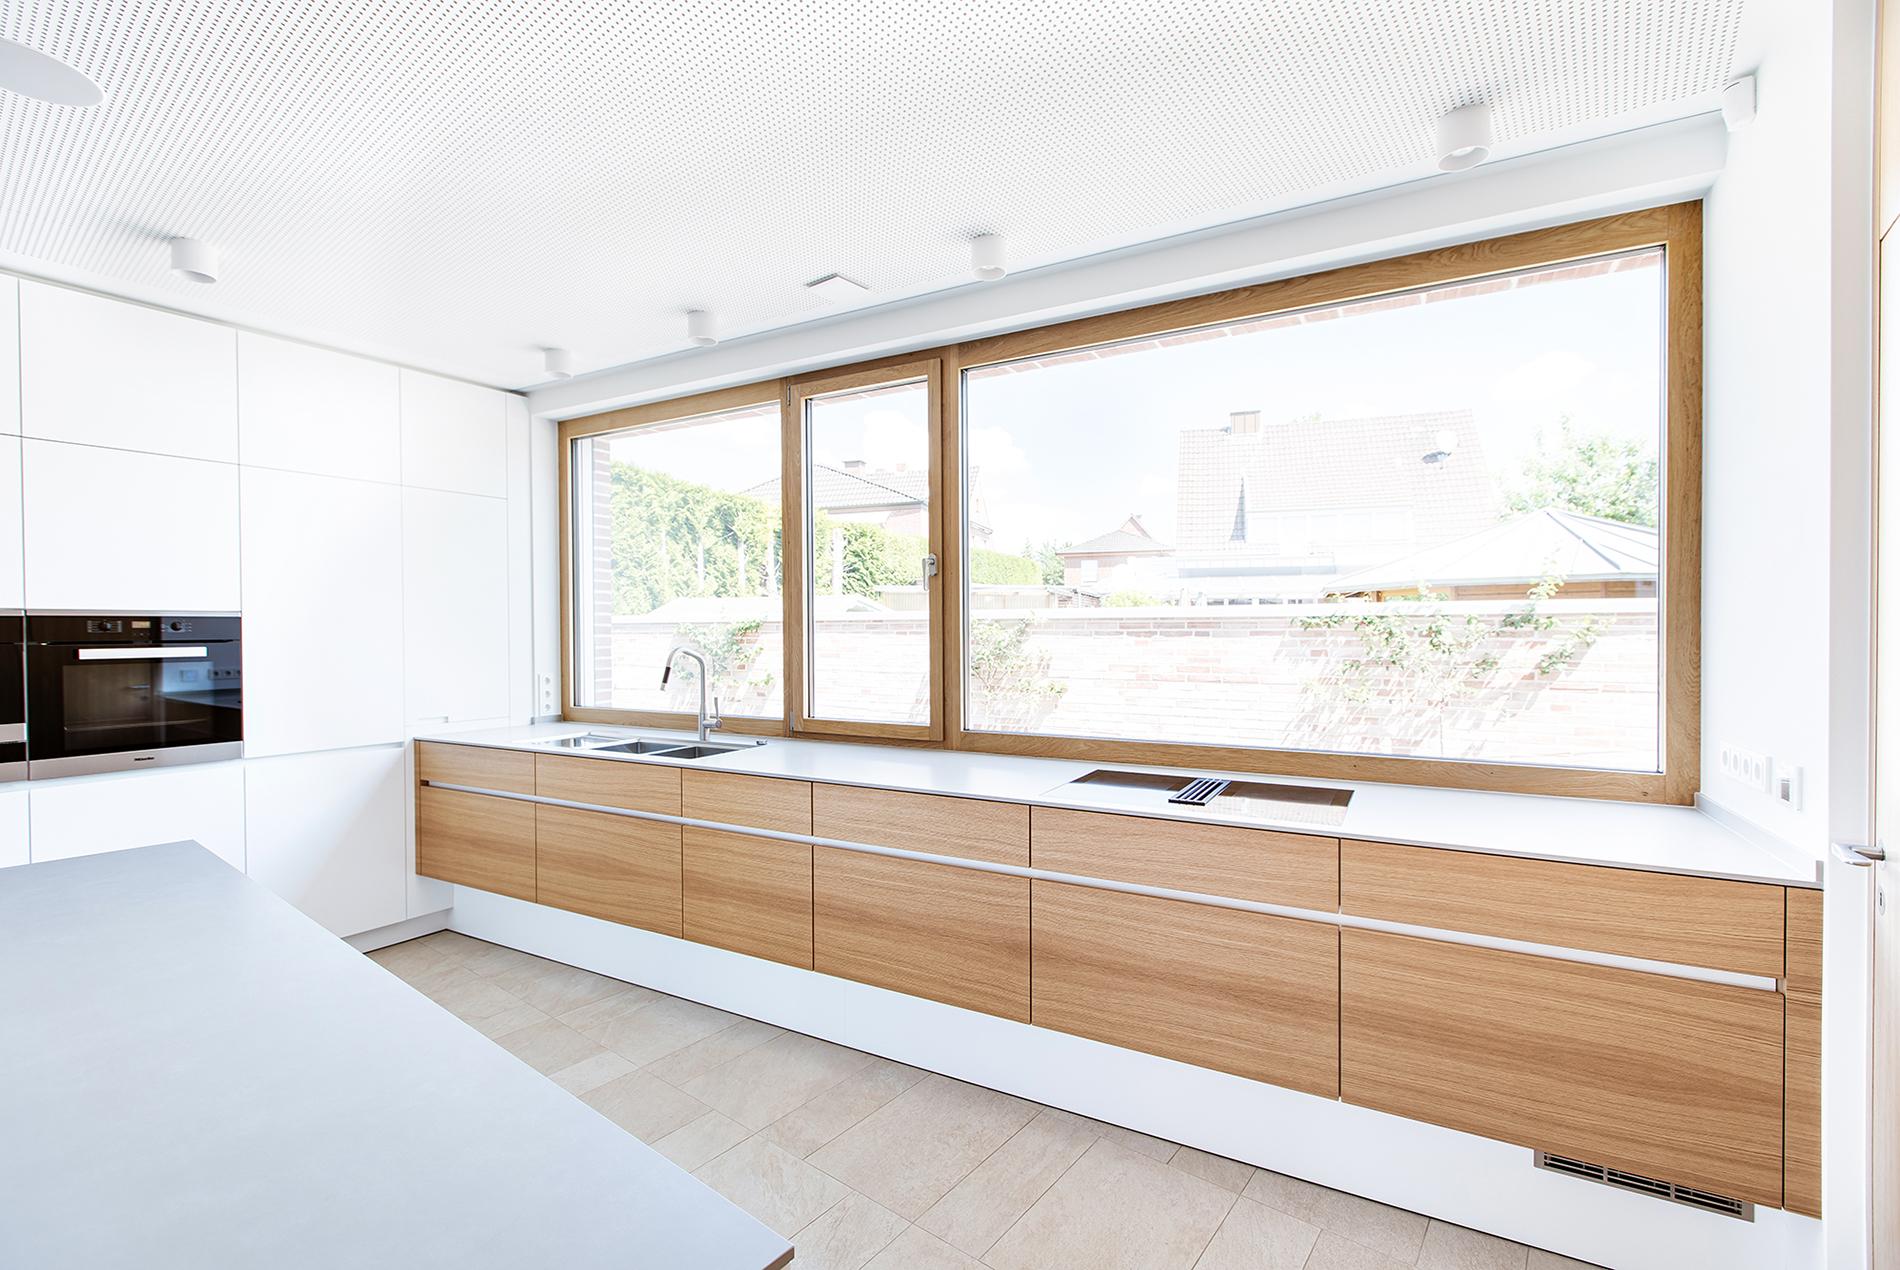 Tischlerei Schöpker - Raumfabrik-Partner für Küchen und Einbaumöbel